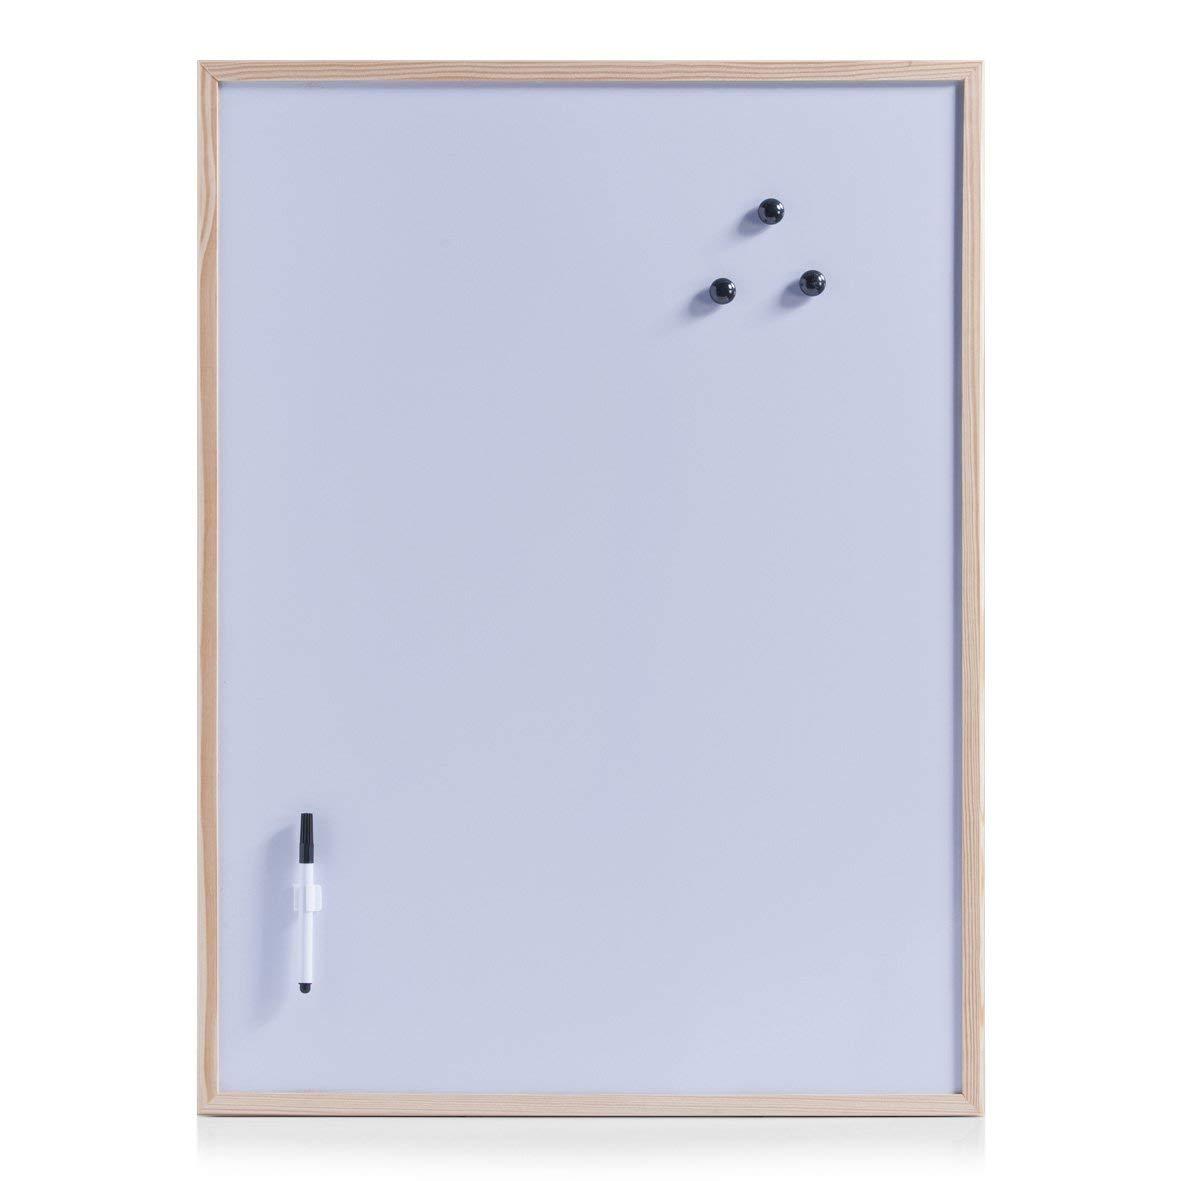 Lavagnetta magnetica 60 x 20 cm Zeller 11122 colore: Naturale